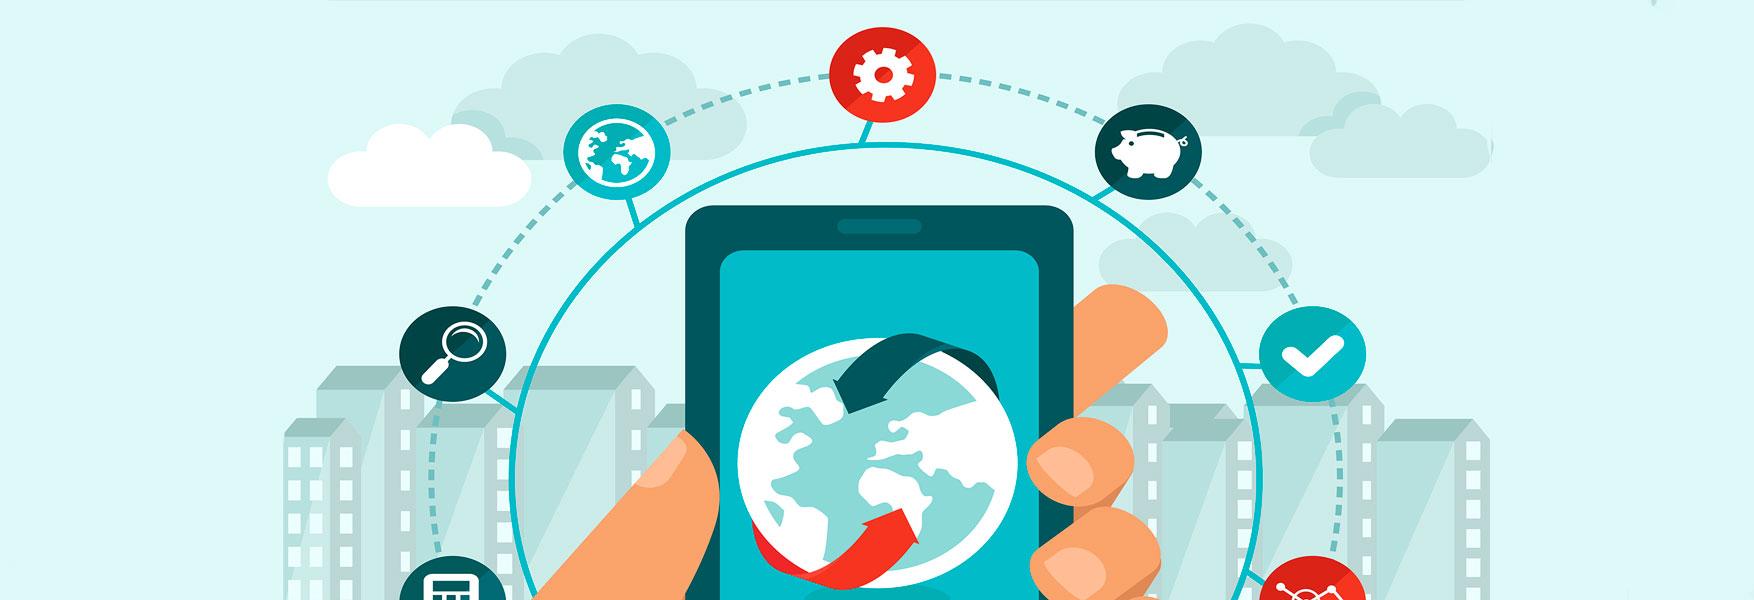 La globalización después de la crisis financiera   OpenMind